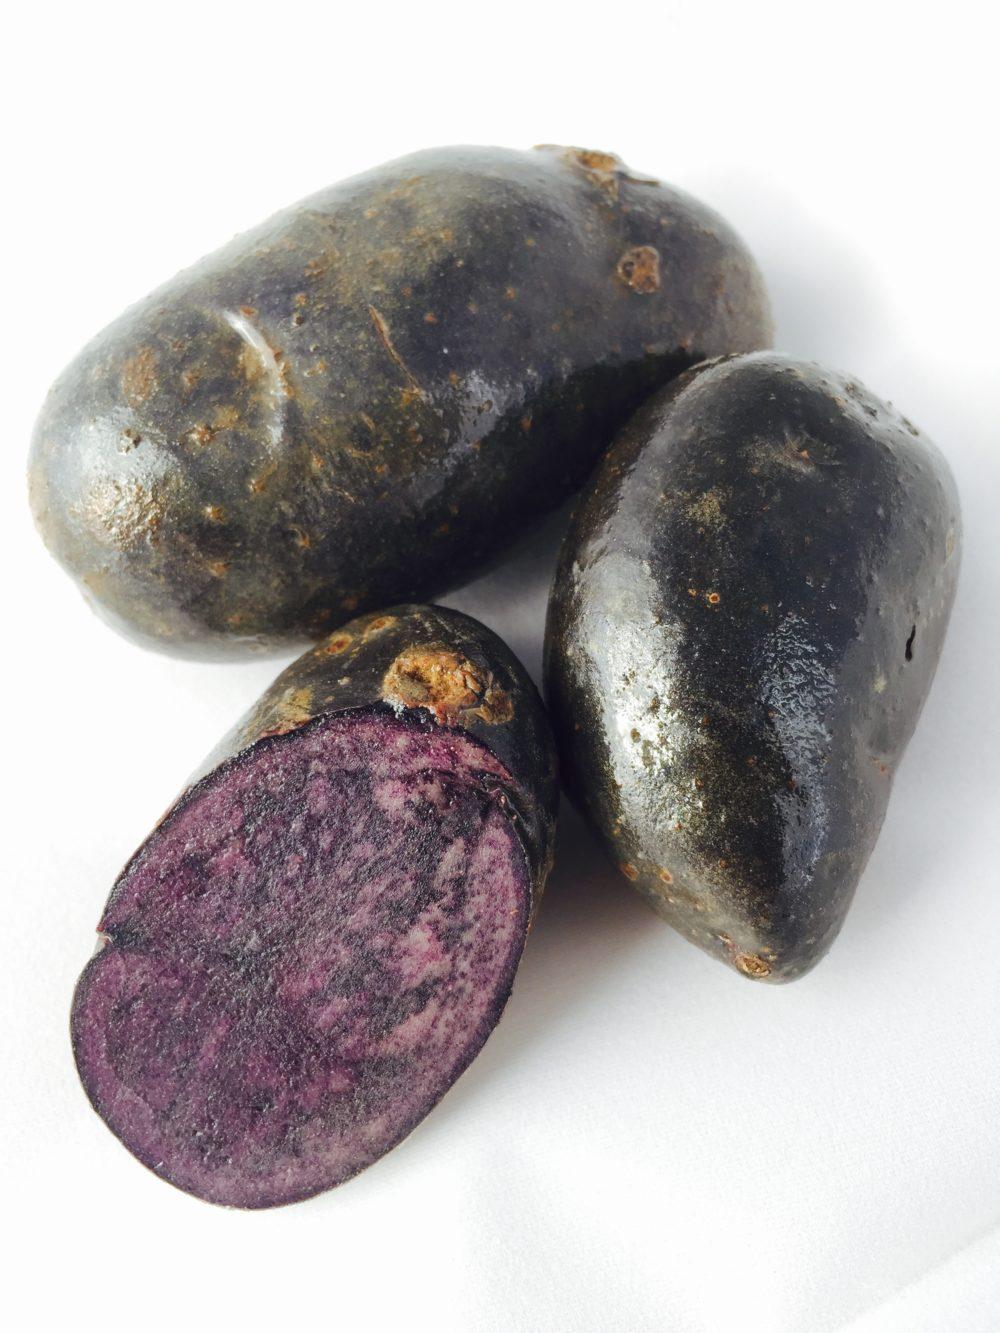 Potato violetta.jpg